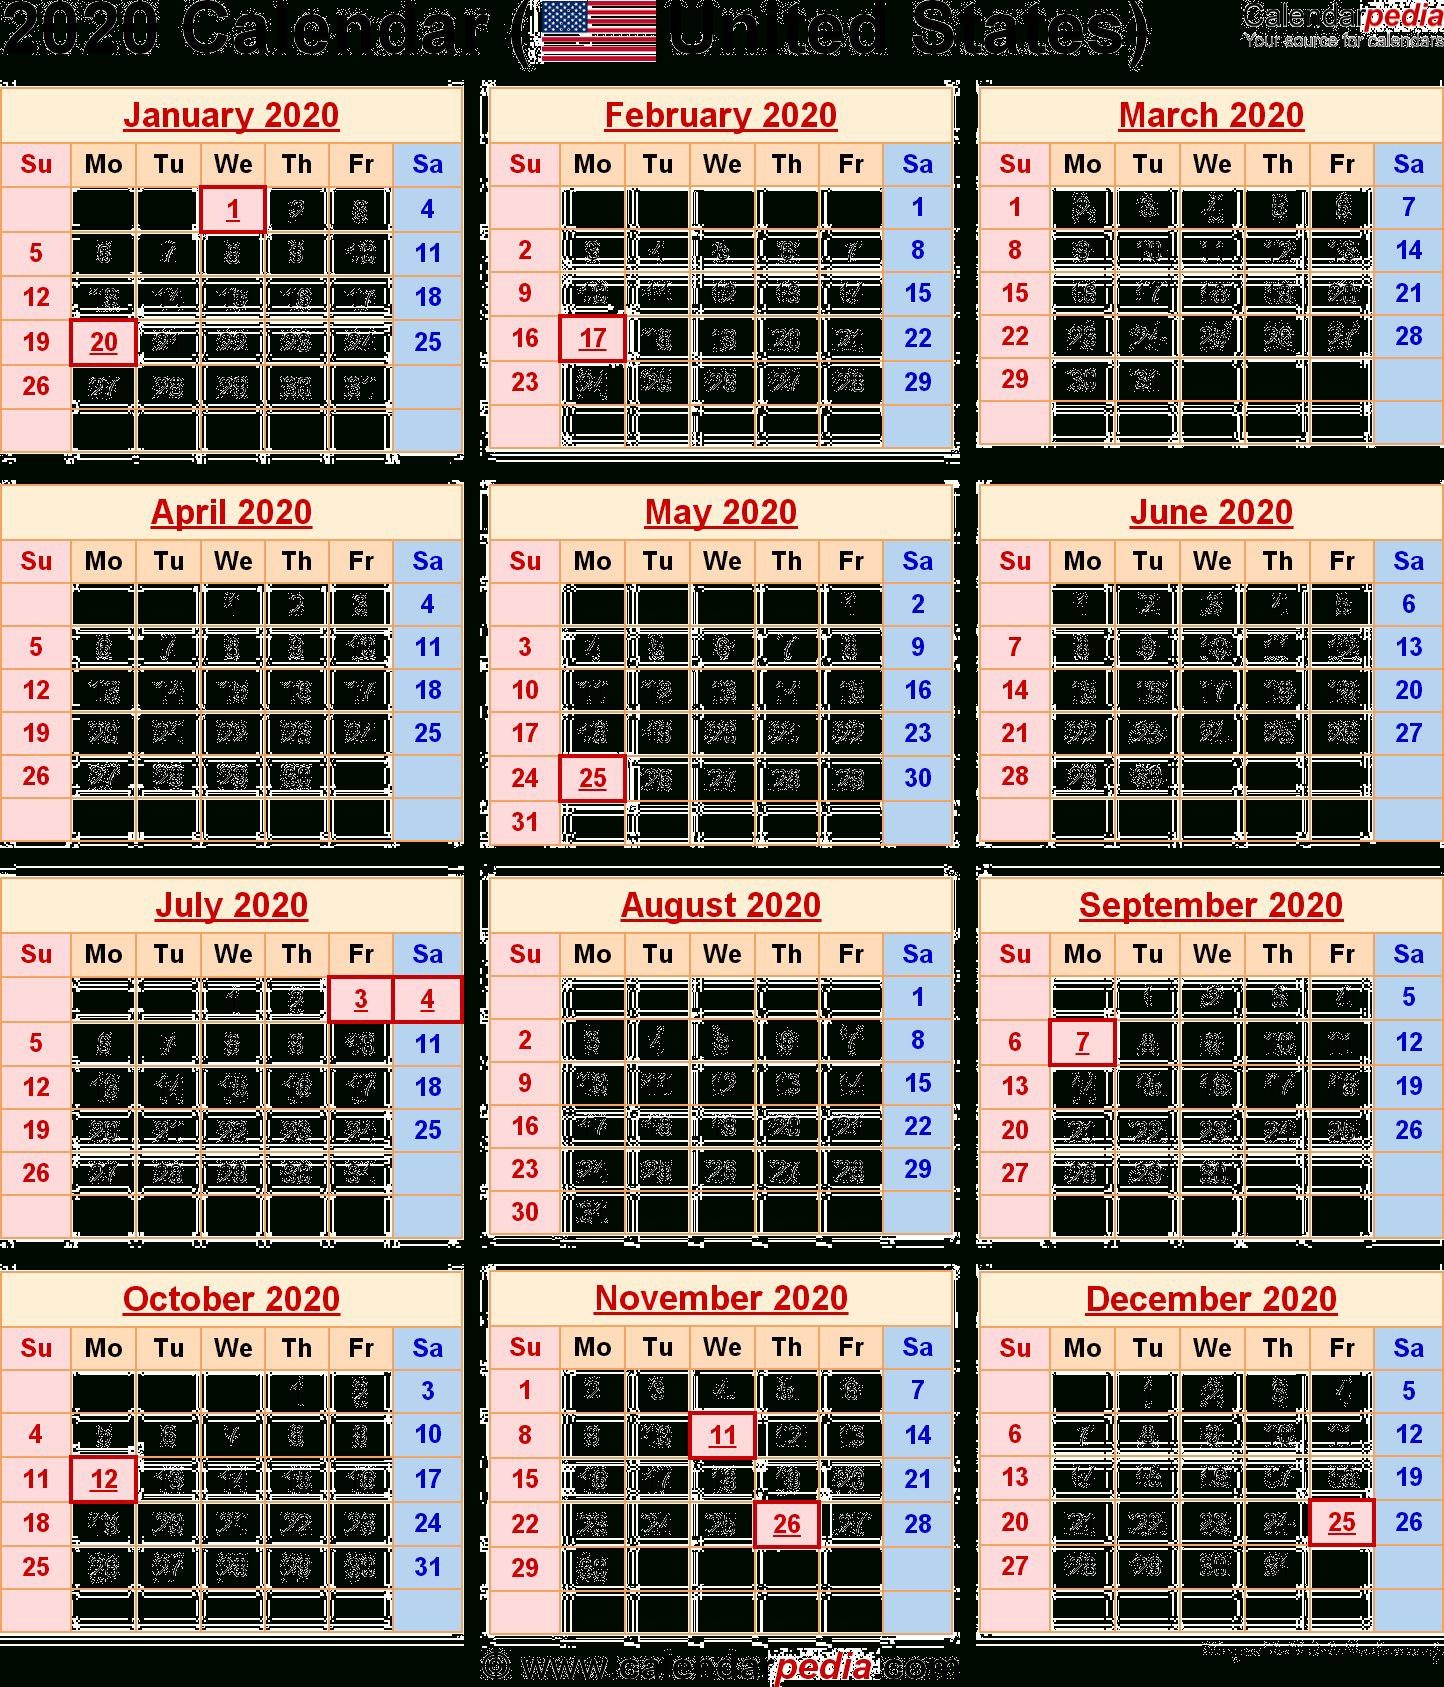 2020 Calendar Png Transparent Images | Png All regarding Bihar Government Calendar 2020